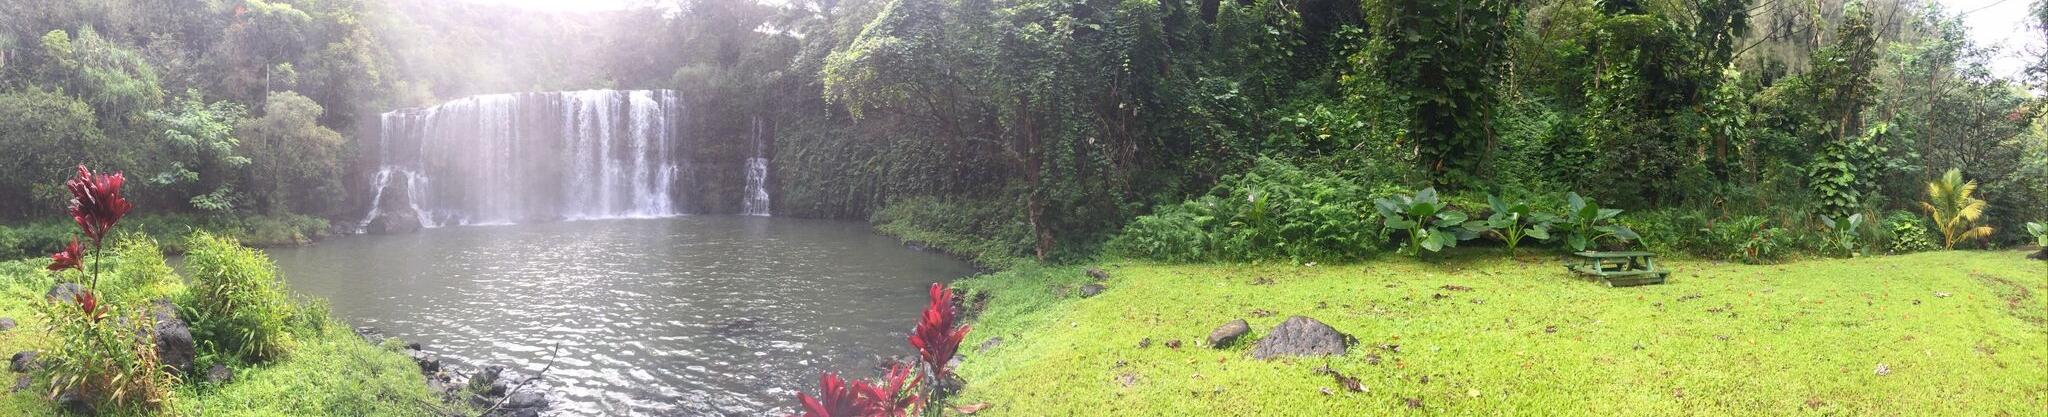 KilaueaFalls.4.jpg